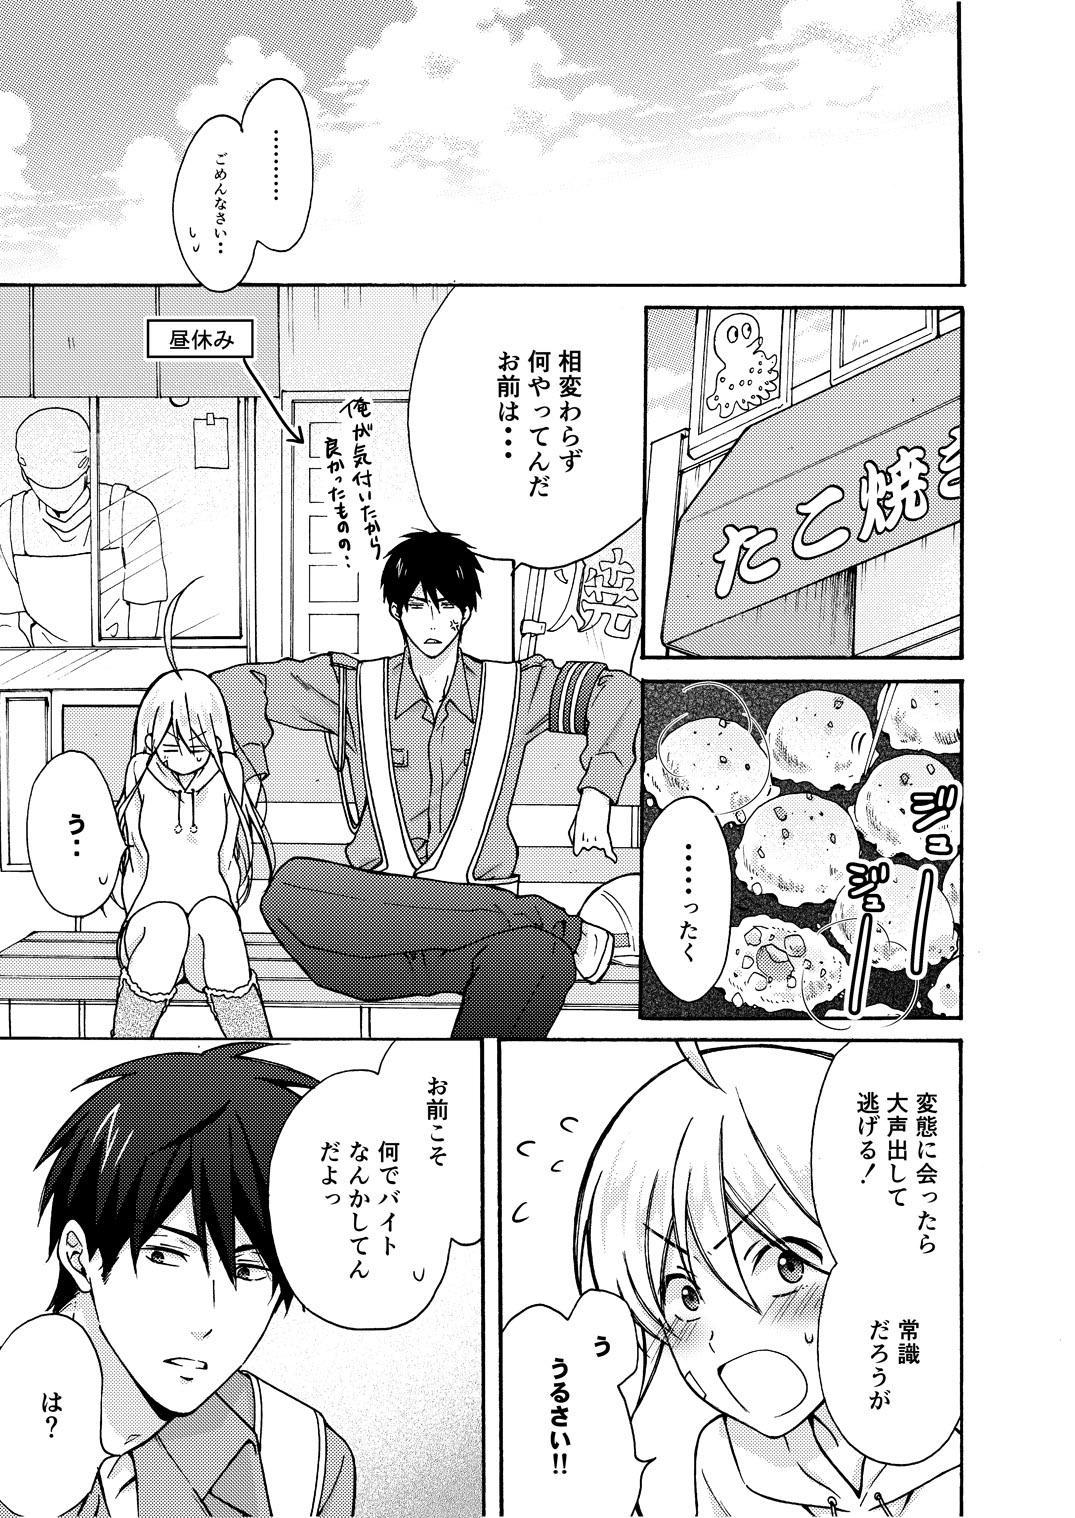 Nyotaika Yankee Gakuen ☆ Ore no Hajimete, Nerawaretemasu. 9 13